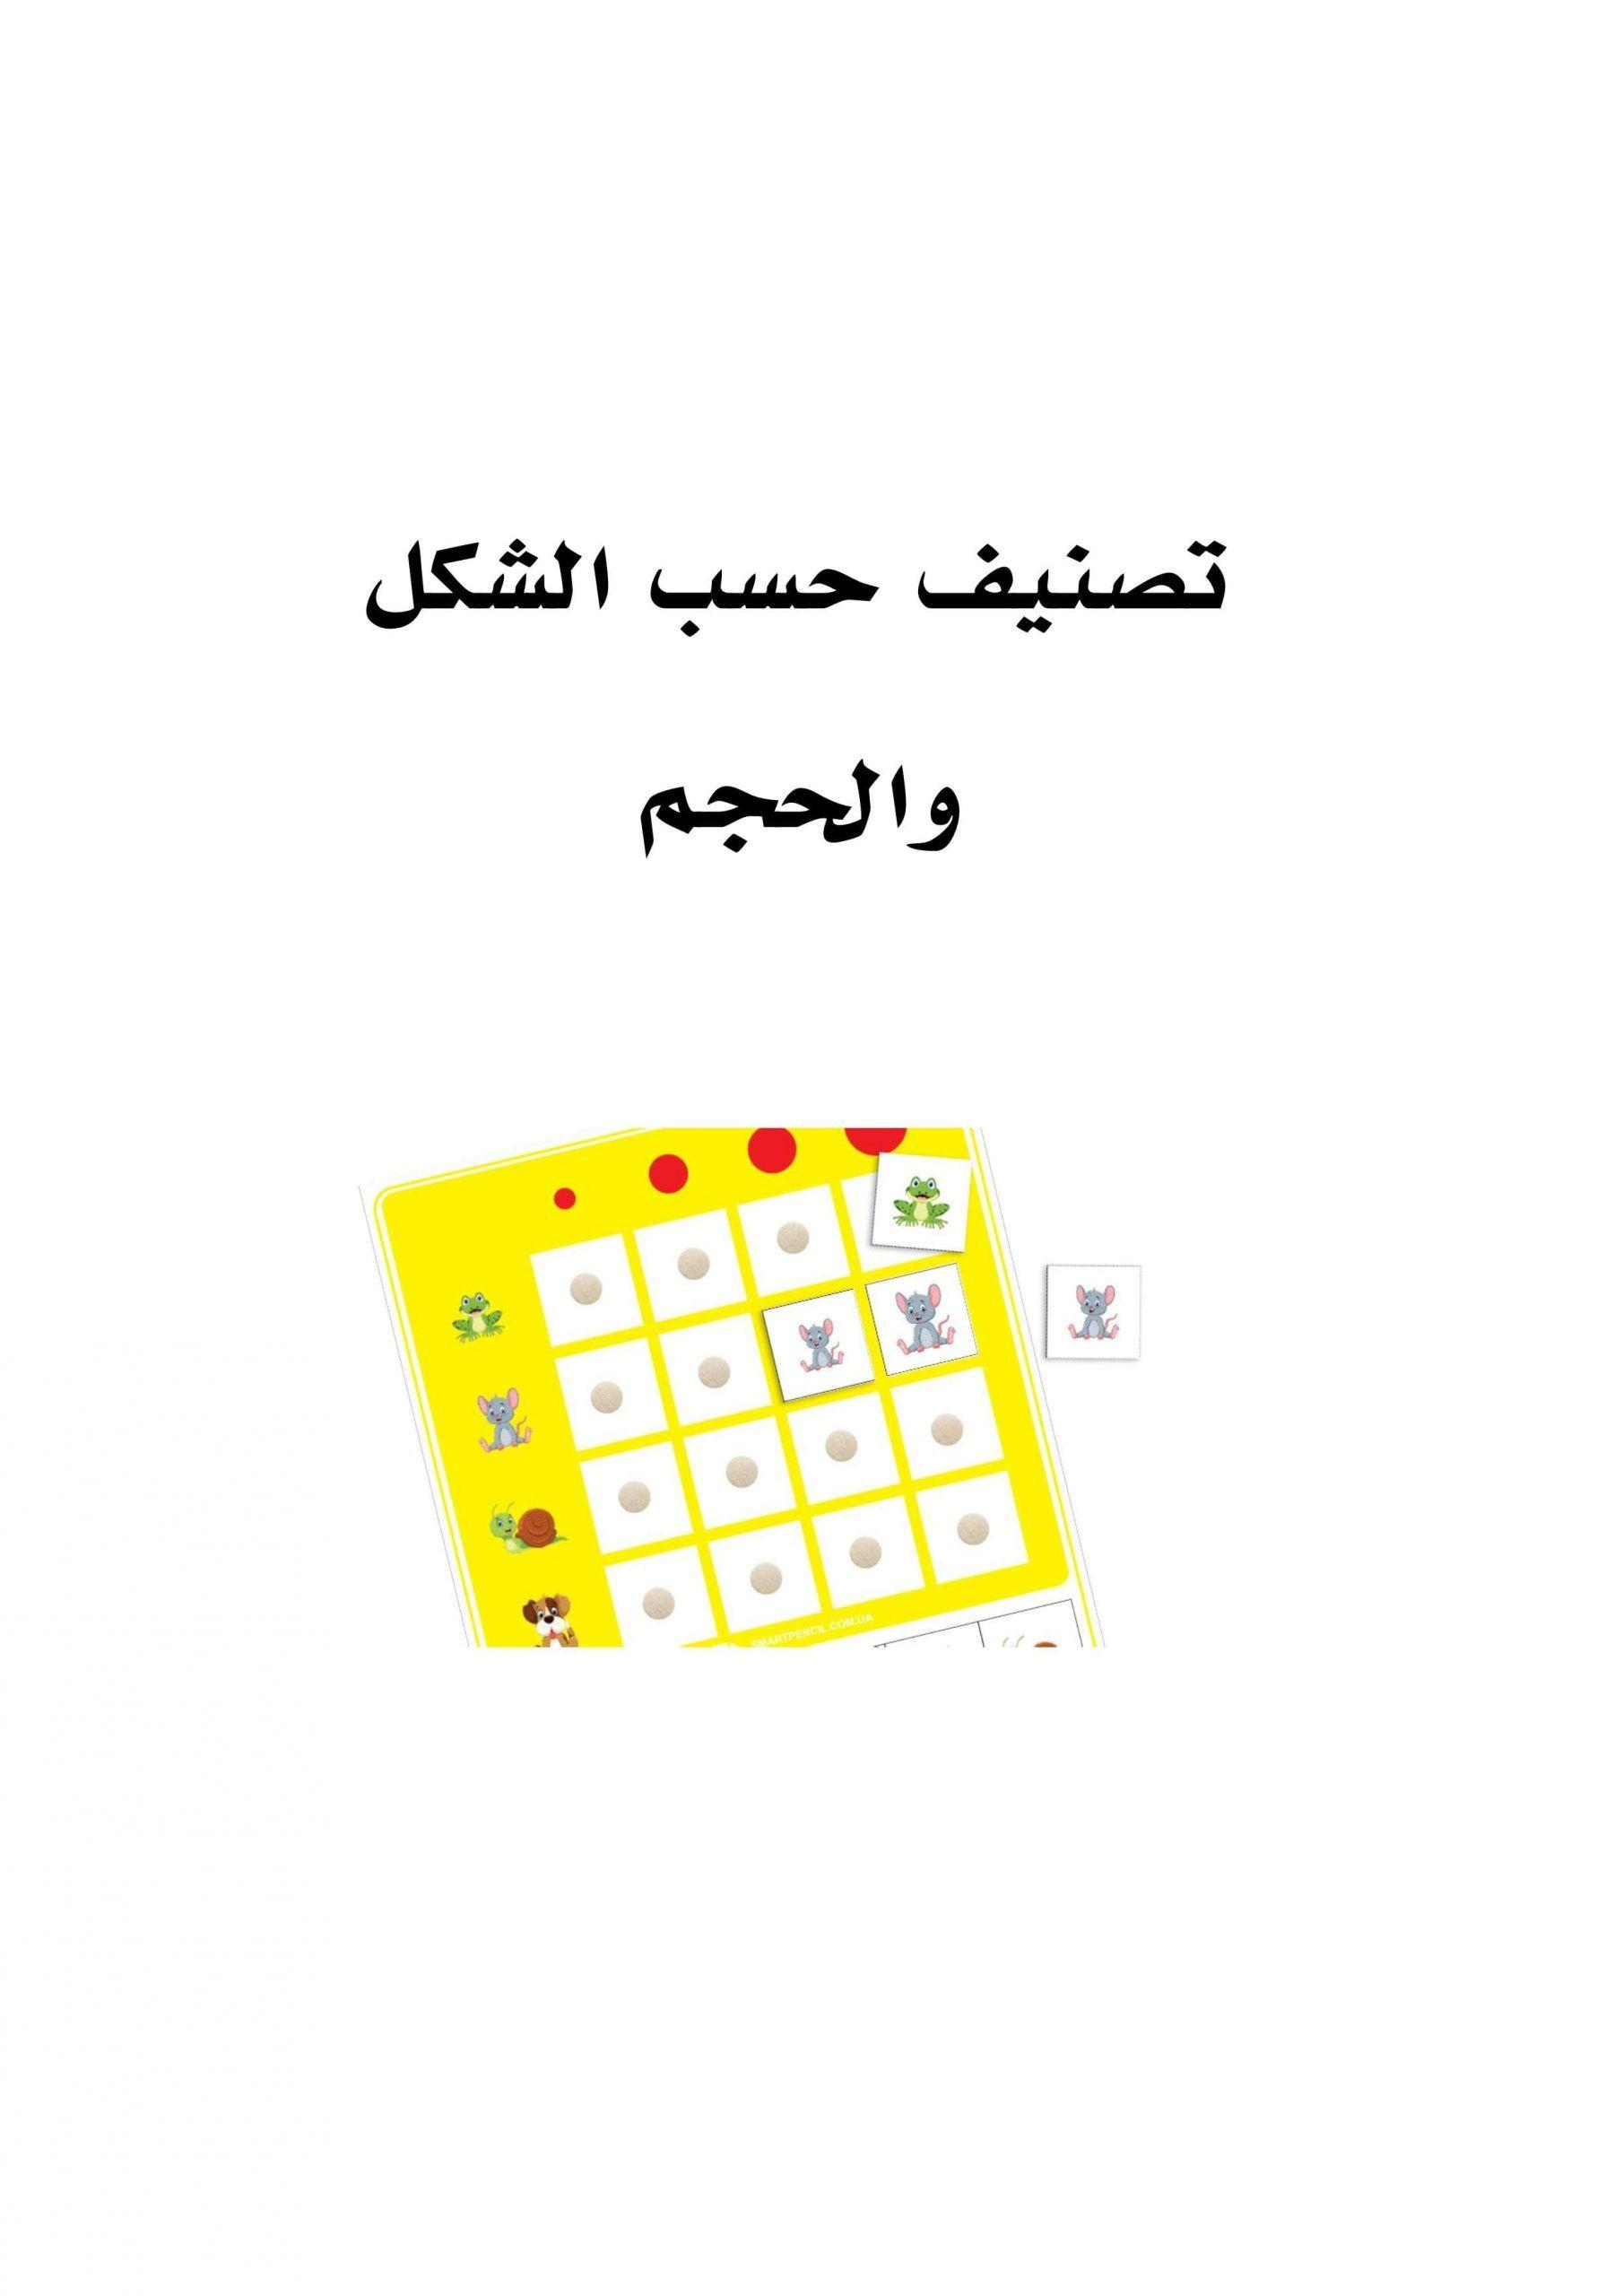 تصنيف حسب الاشكال والحجم نشاط ممتع لرياض الاطفال Arabic Kids Kids Periodic Table